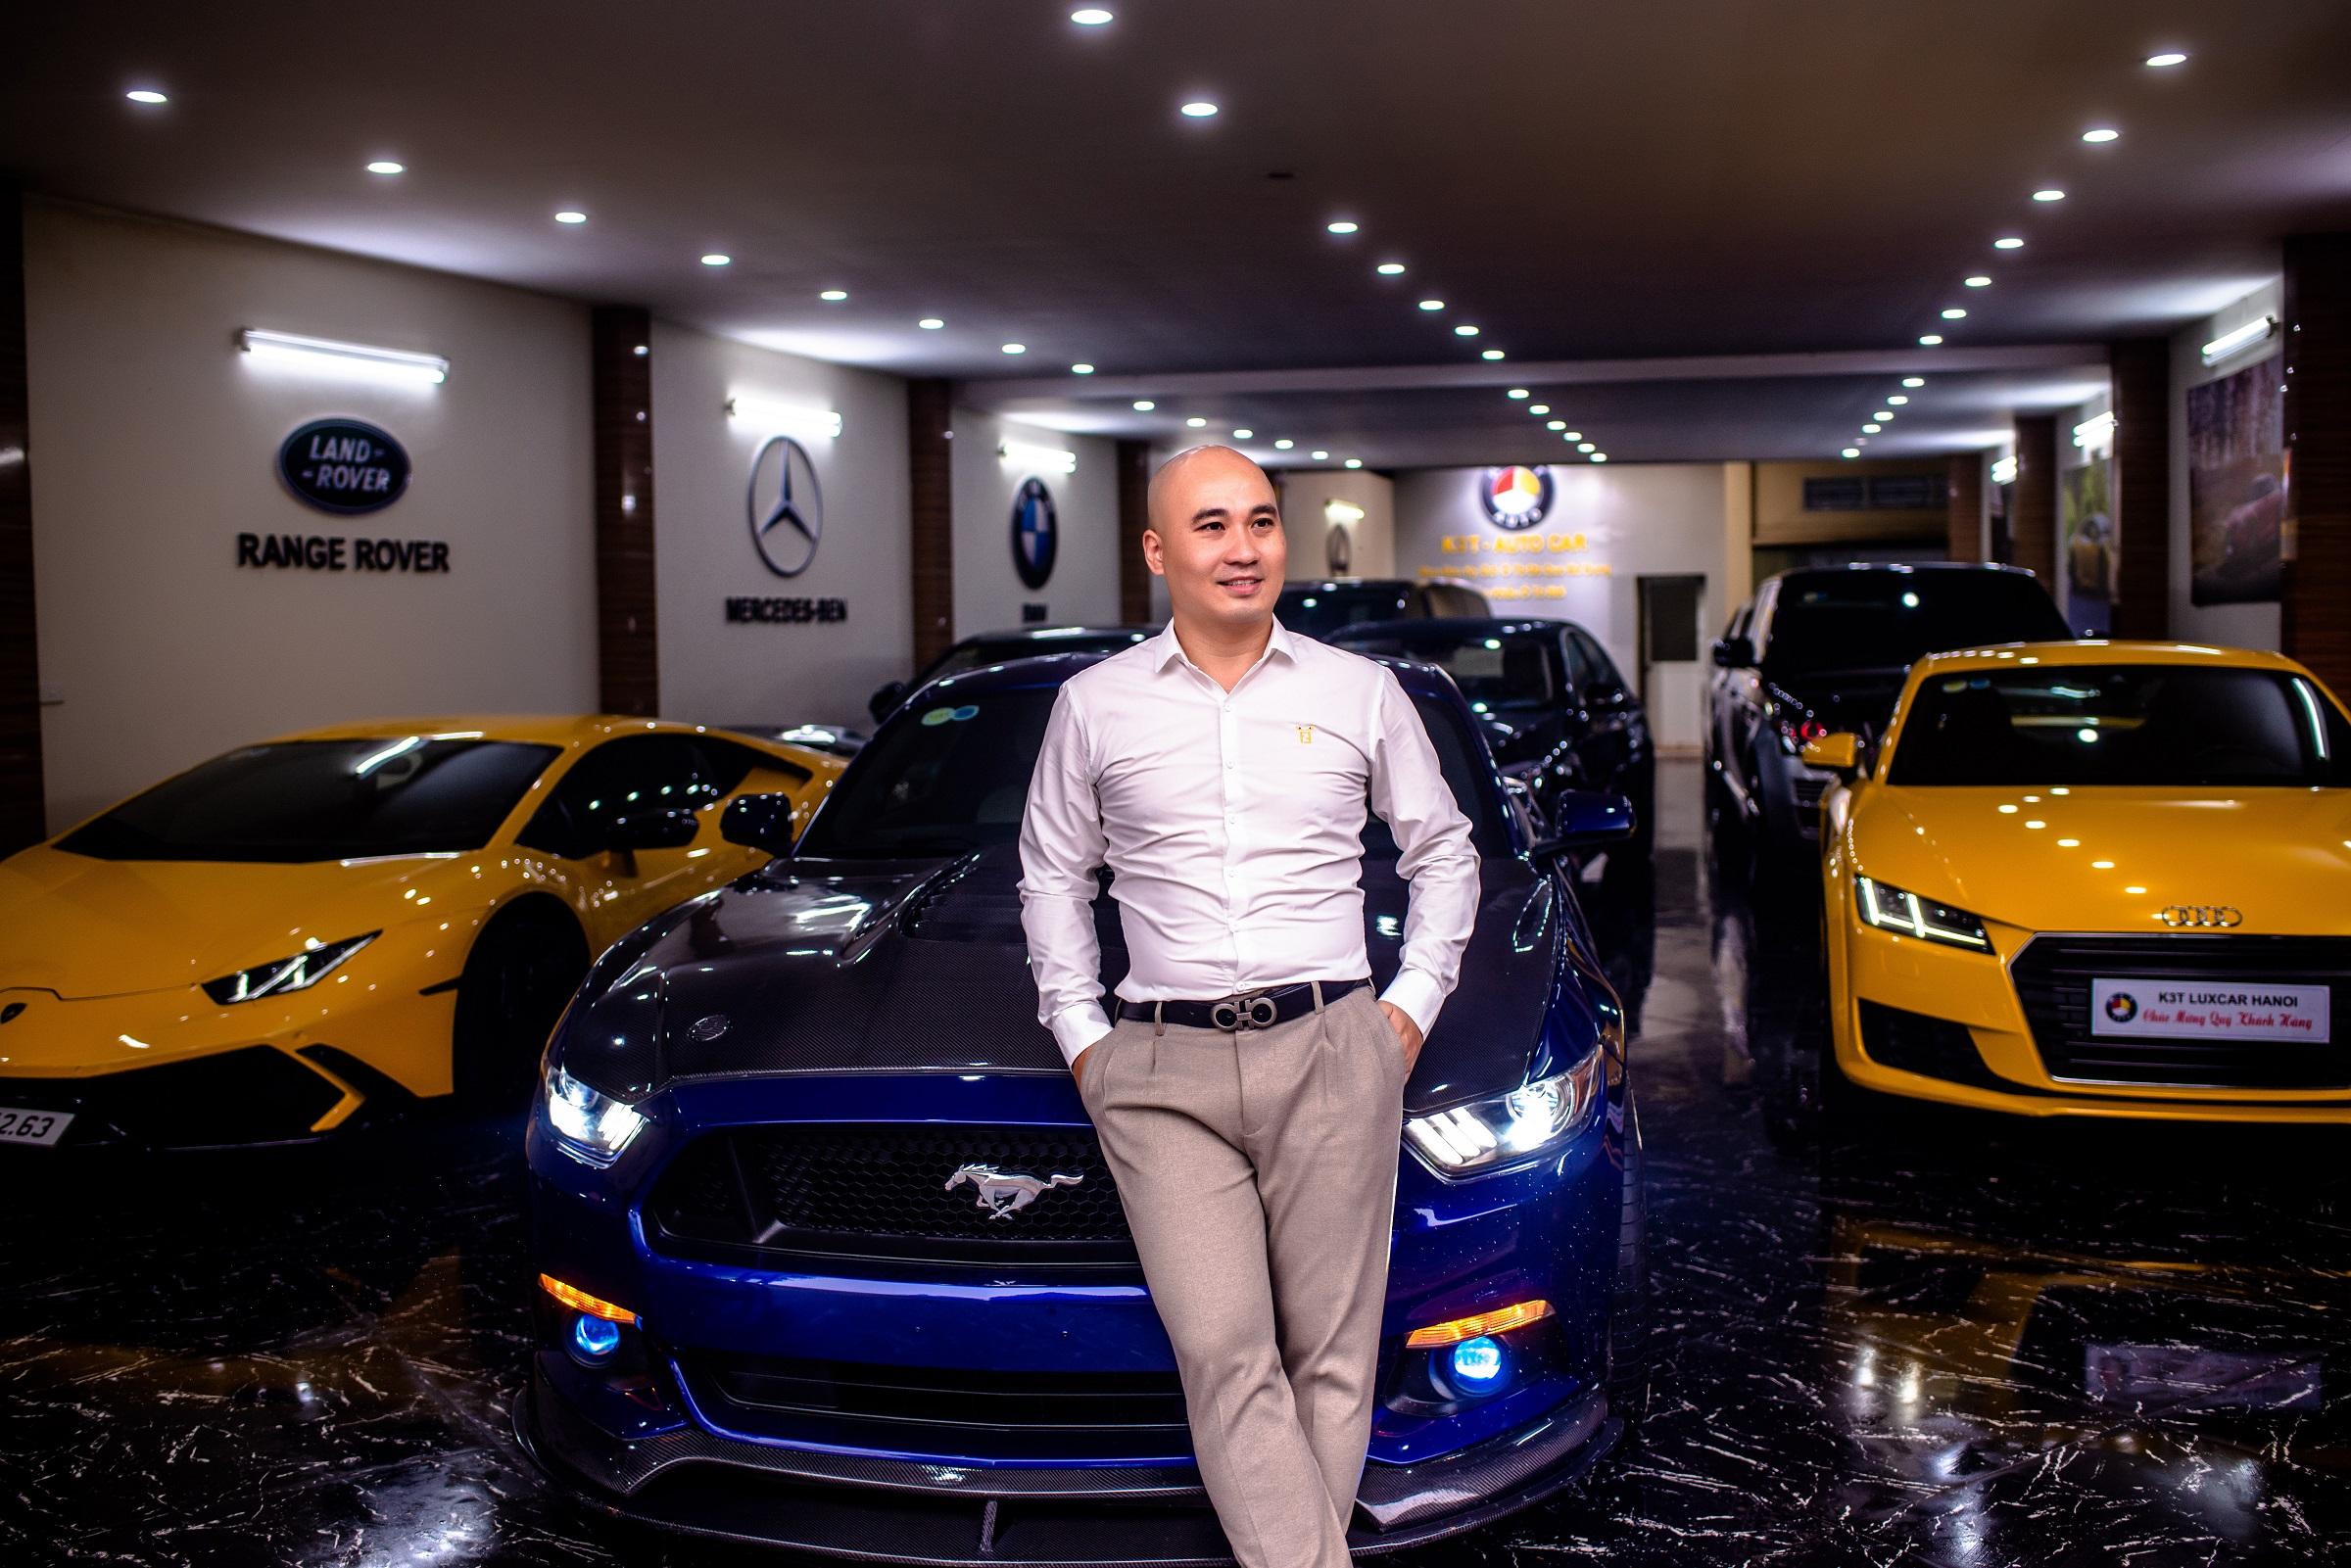 Hiện, Tú Luxcar chuyên kinh doanh siêu xe trên toàn quốc.